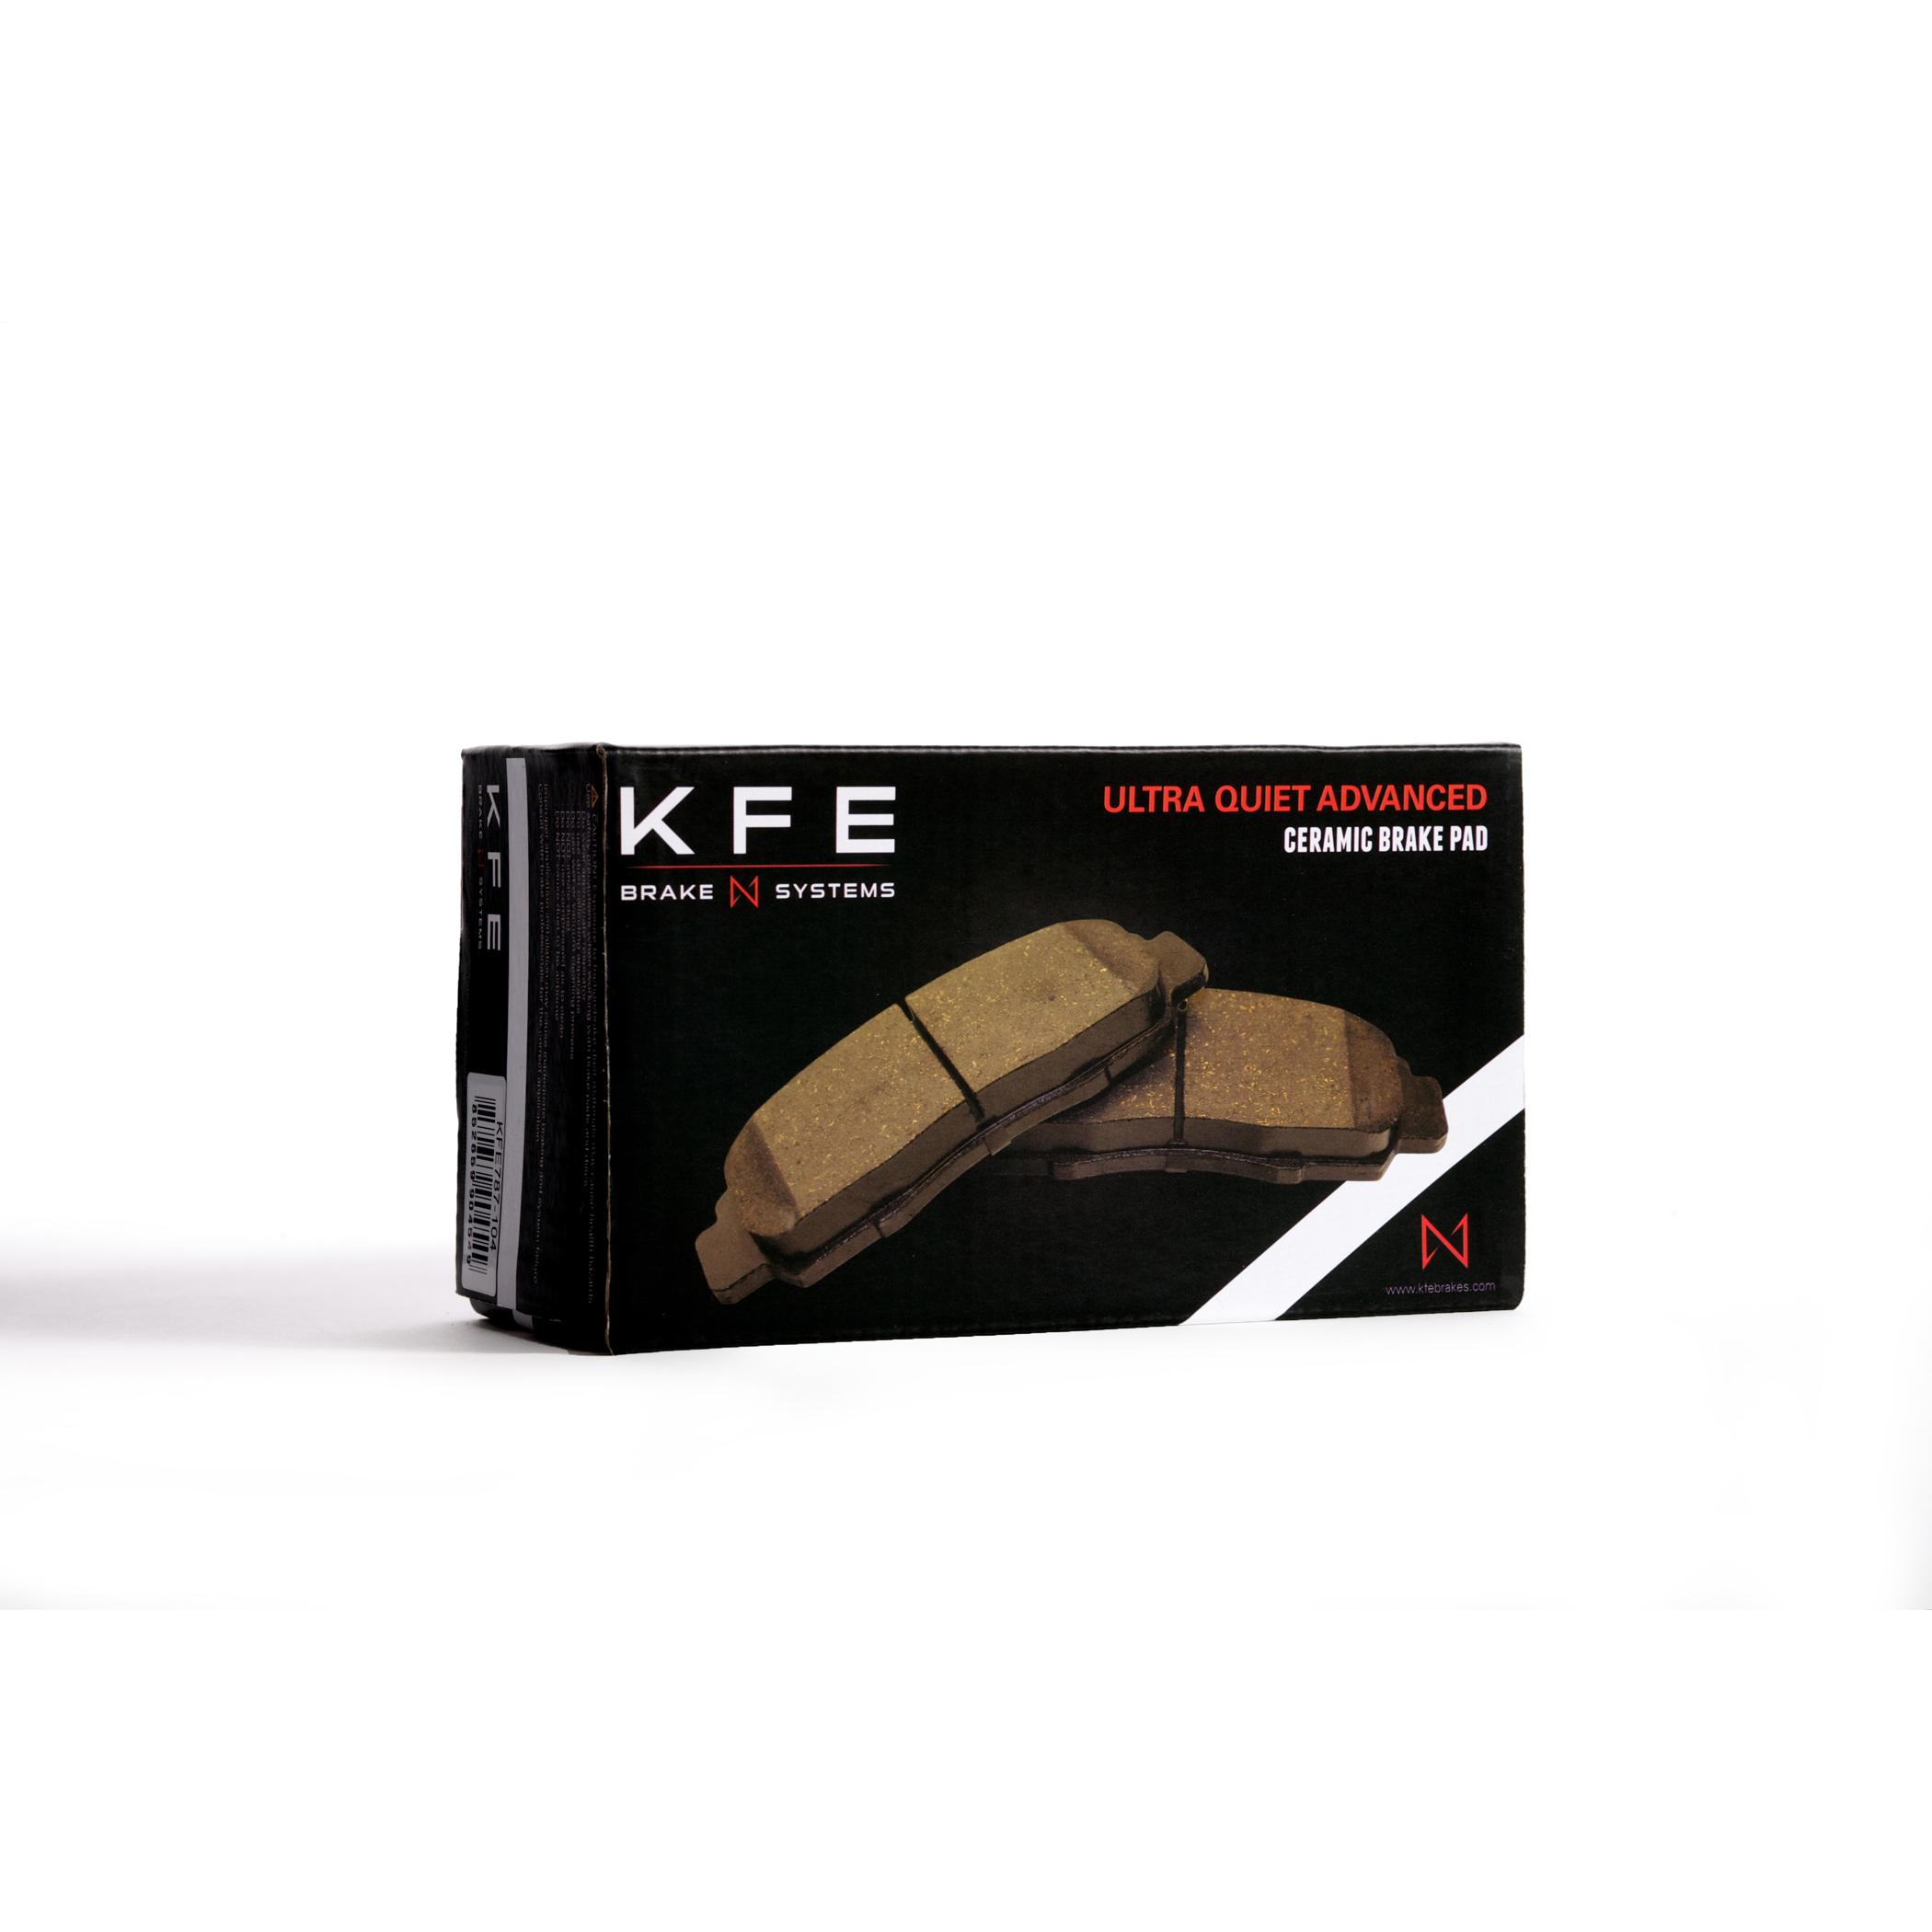 KFE Ultra Quiet Advanced Brake Pad Box